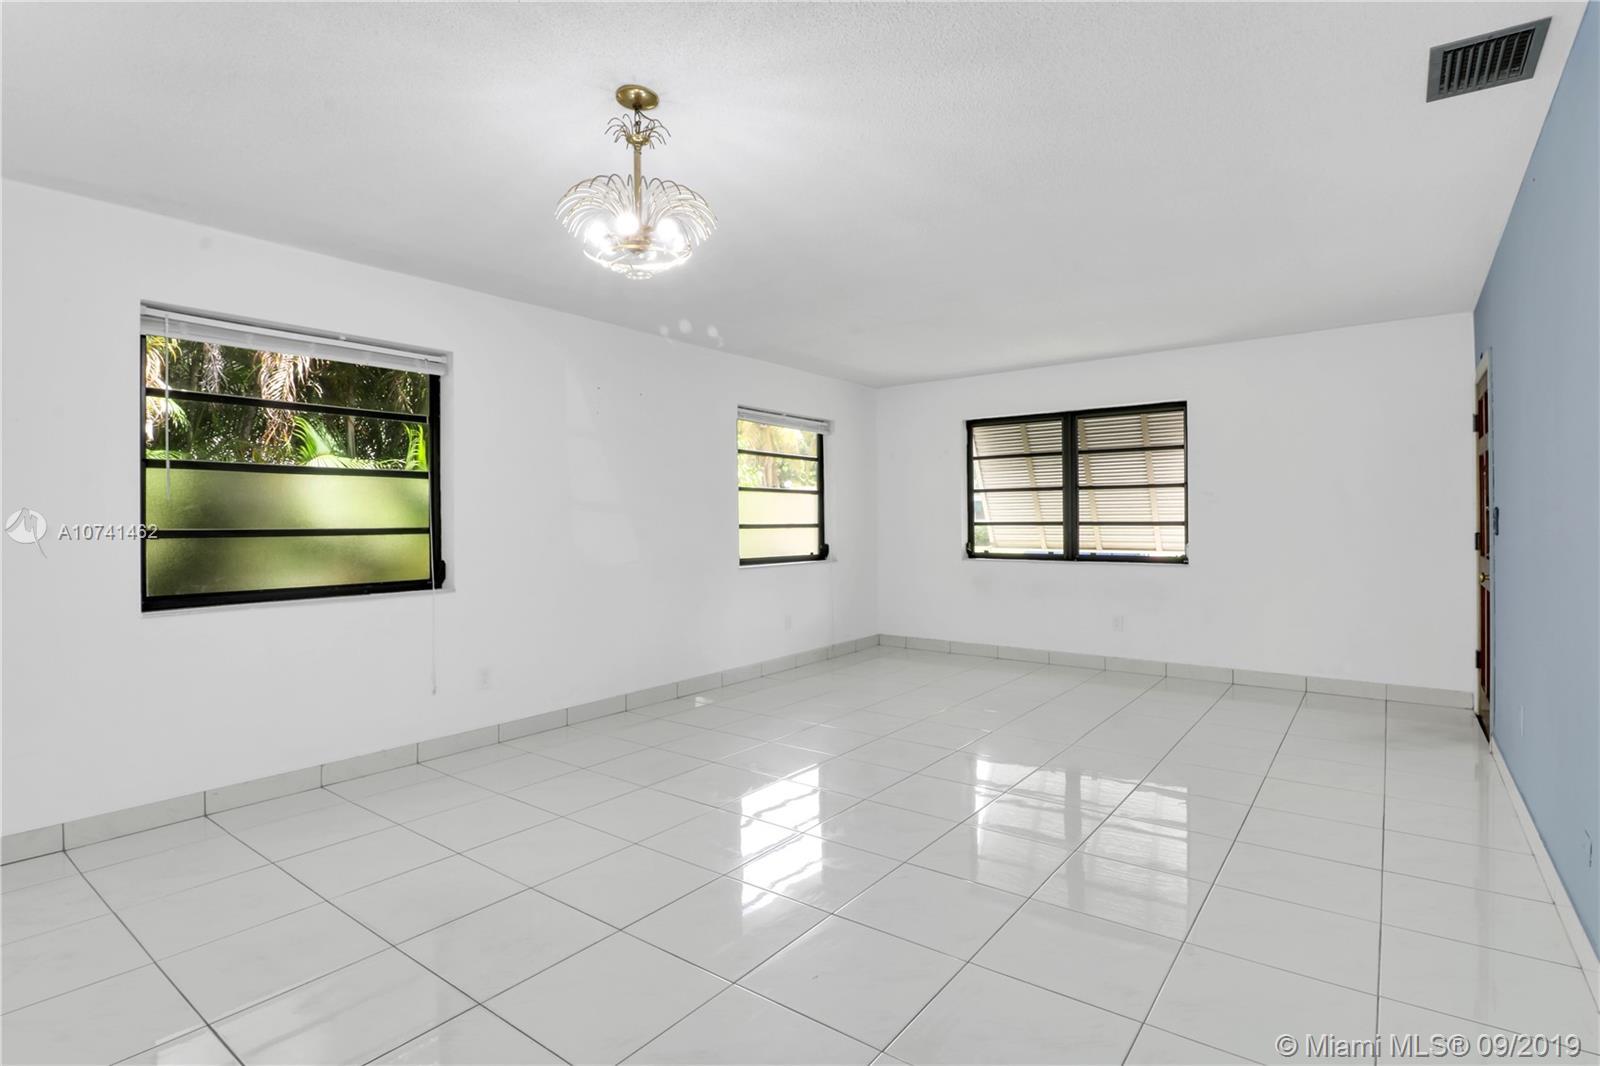 Central Miami # - 03 - photo